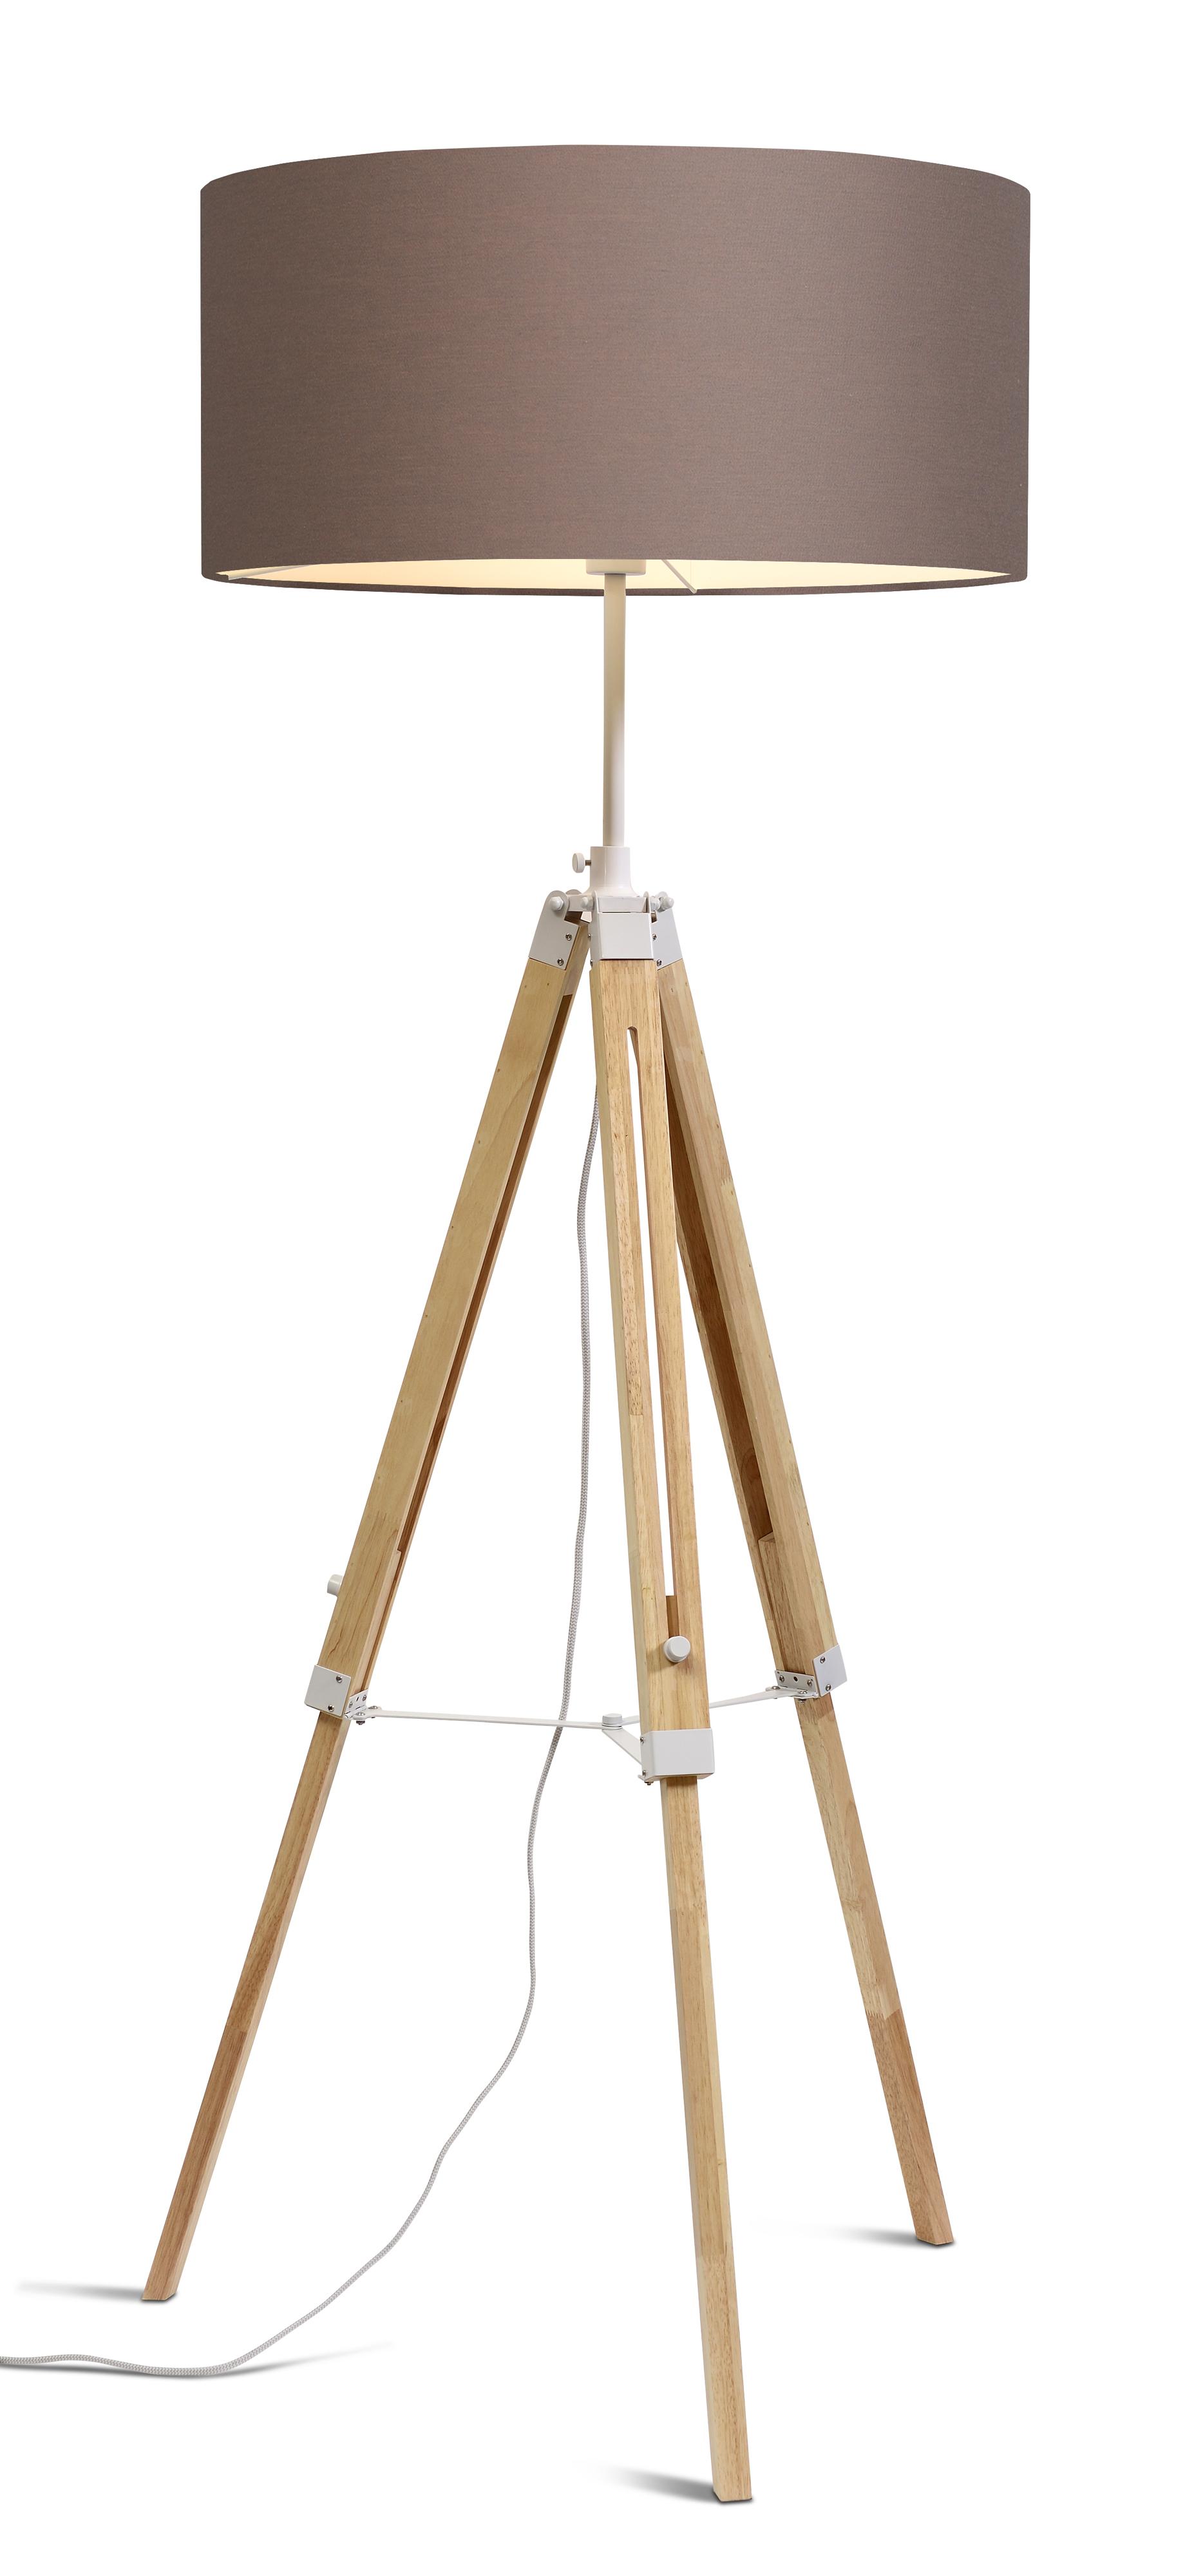 Lampadaire trépieds et abat-jour H165cm